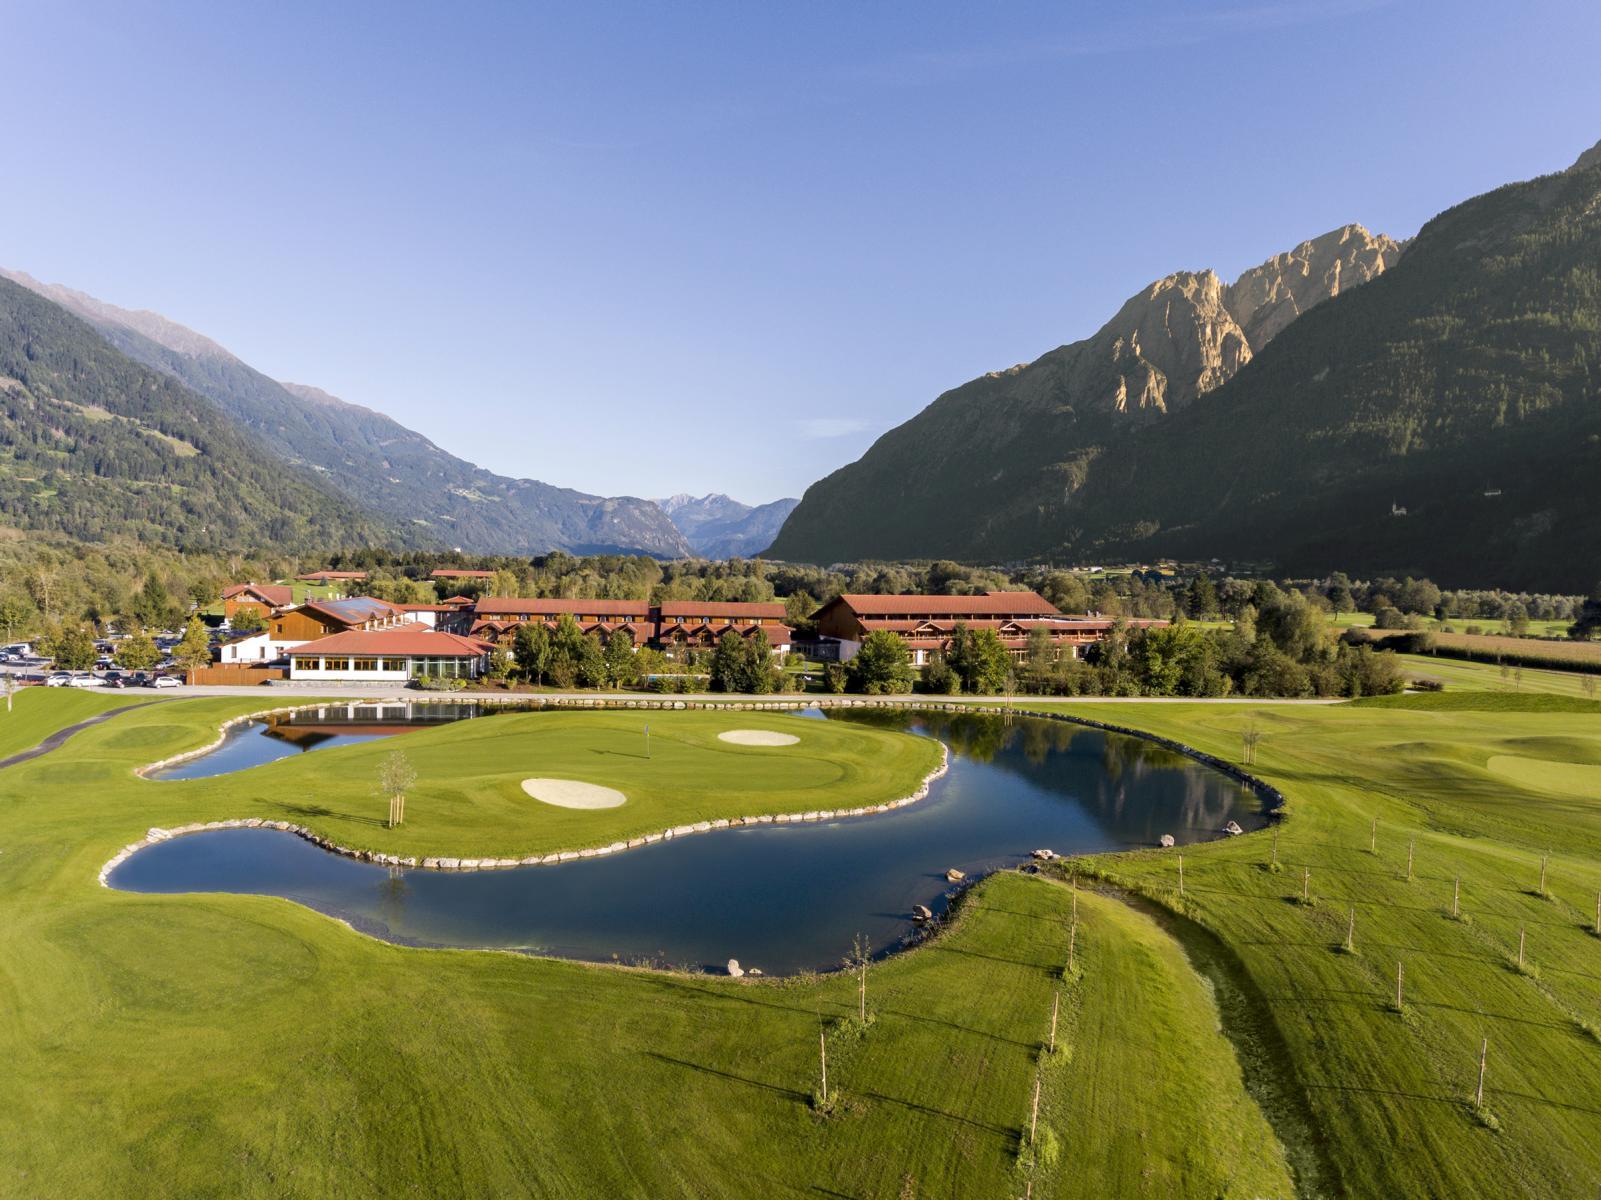 Das Dolomitengolf Hotel & Spa. (Foto: Martin Lugger)